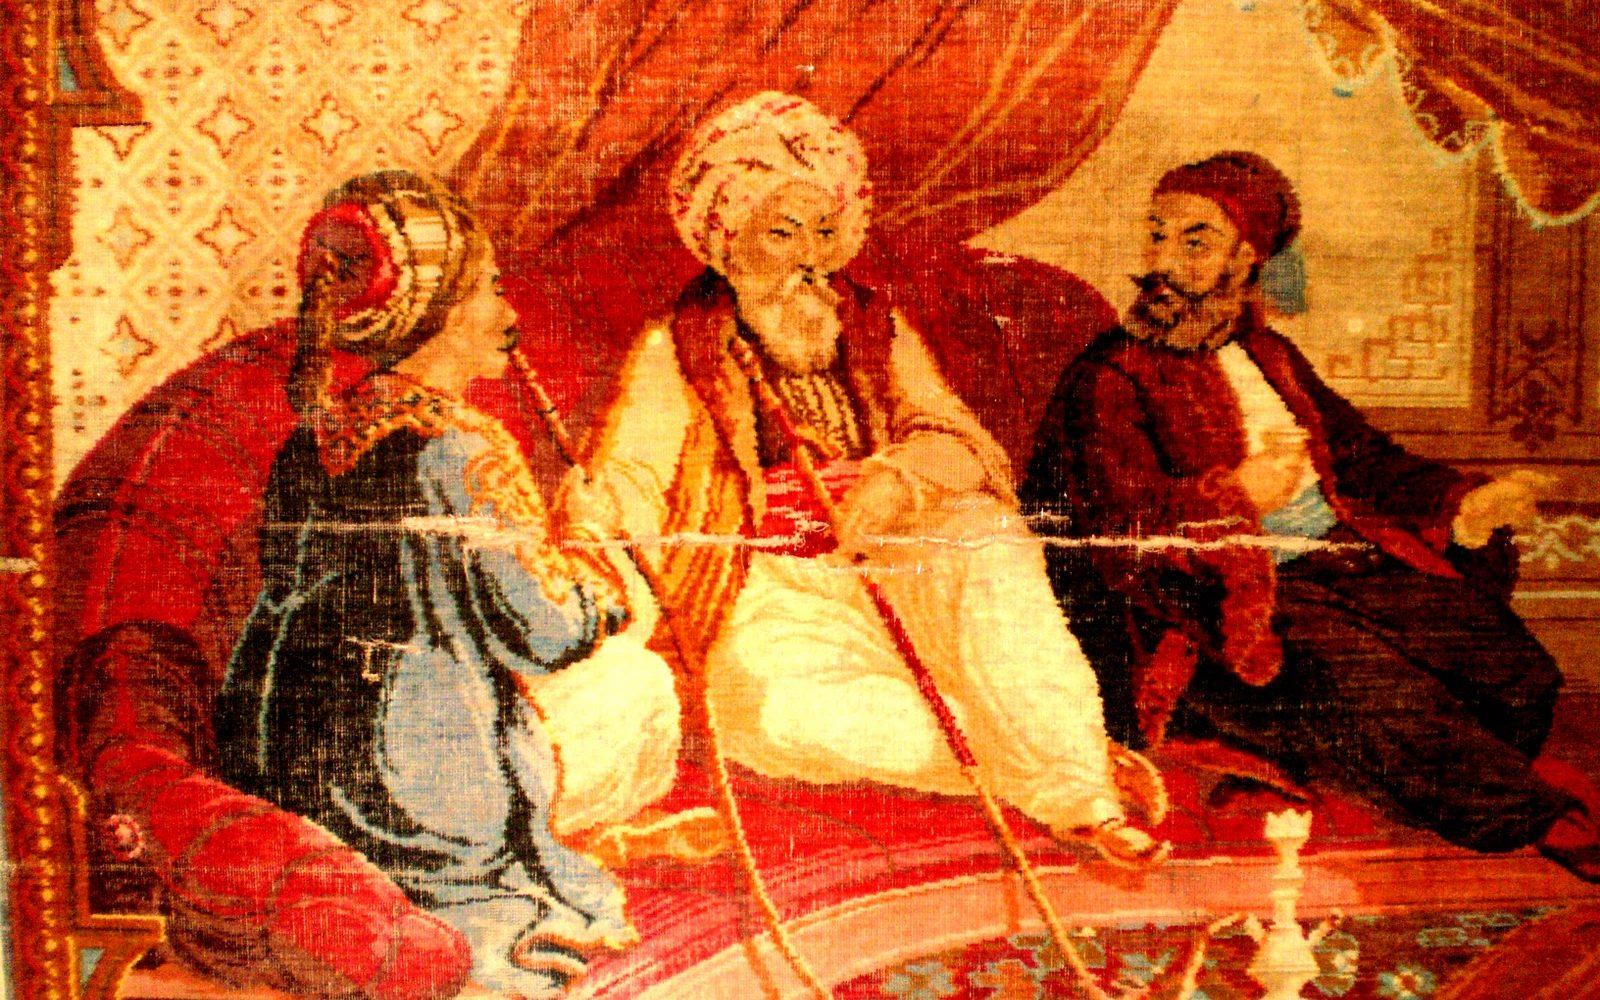 Çfarë kërkoi Ali Pashai për të Ngrënë kur po Rimëkëmbte Kalanë e Gjirokastrës